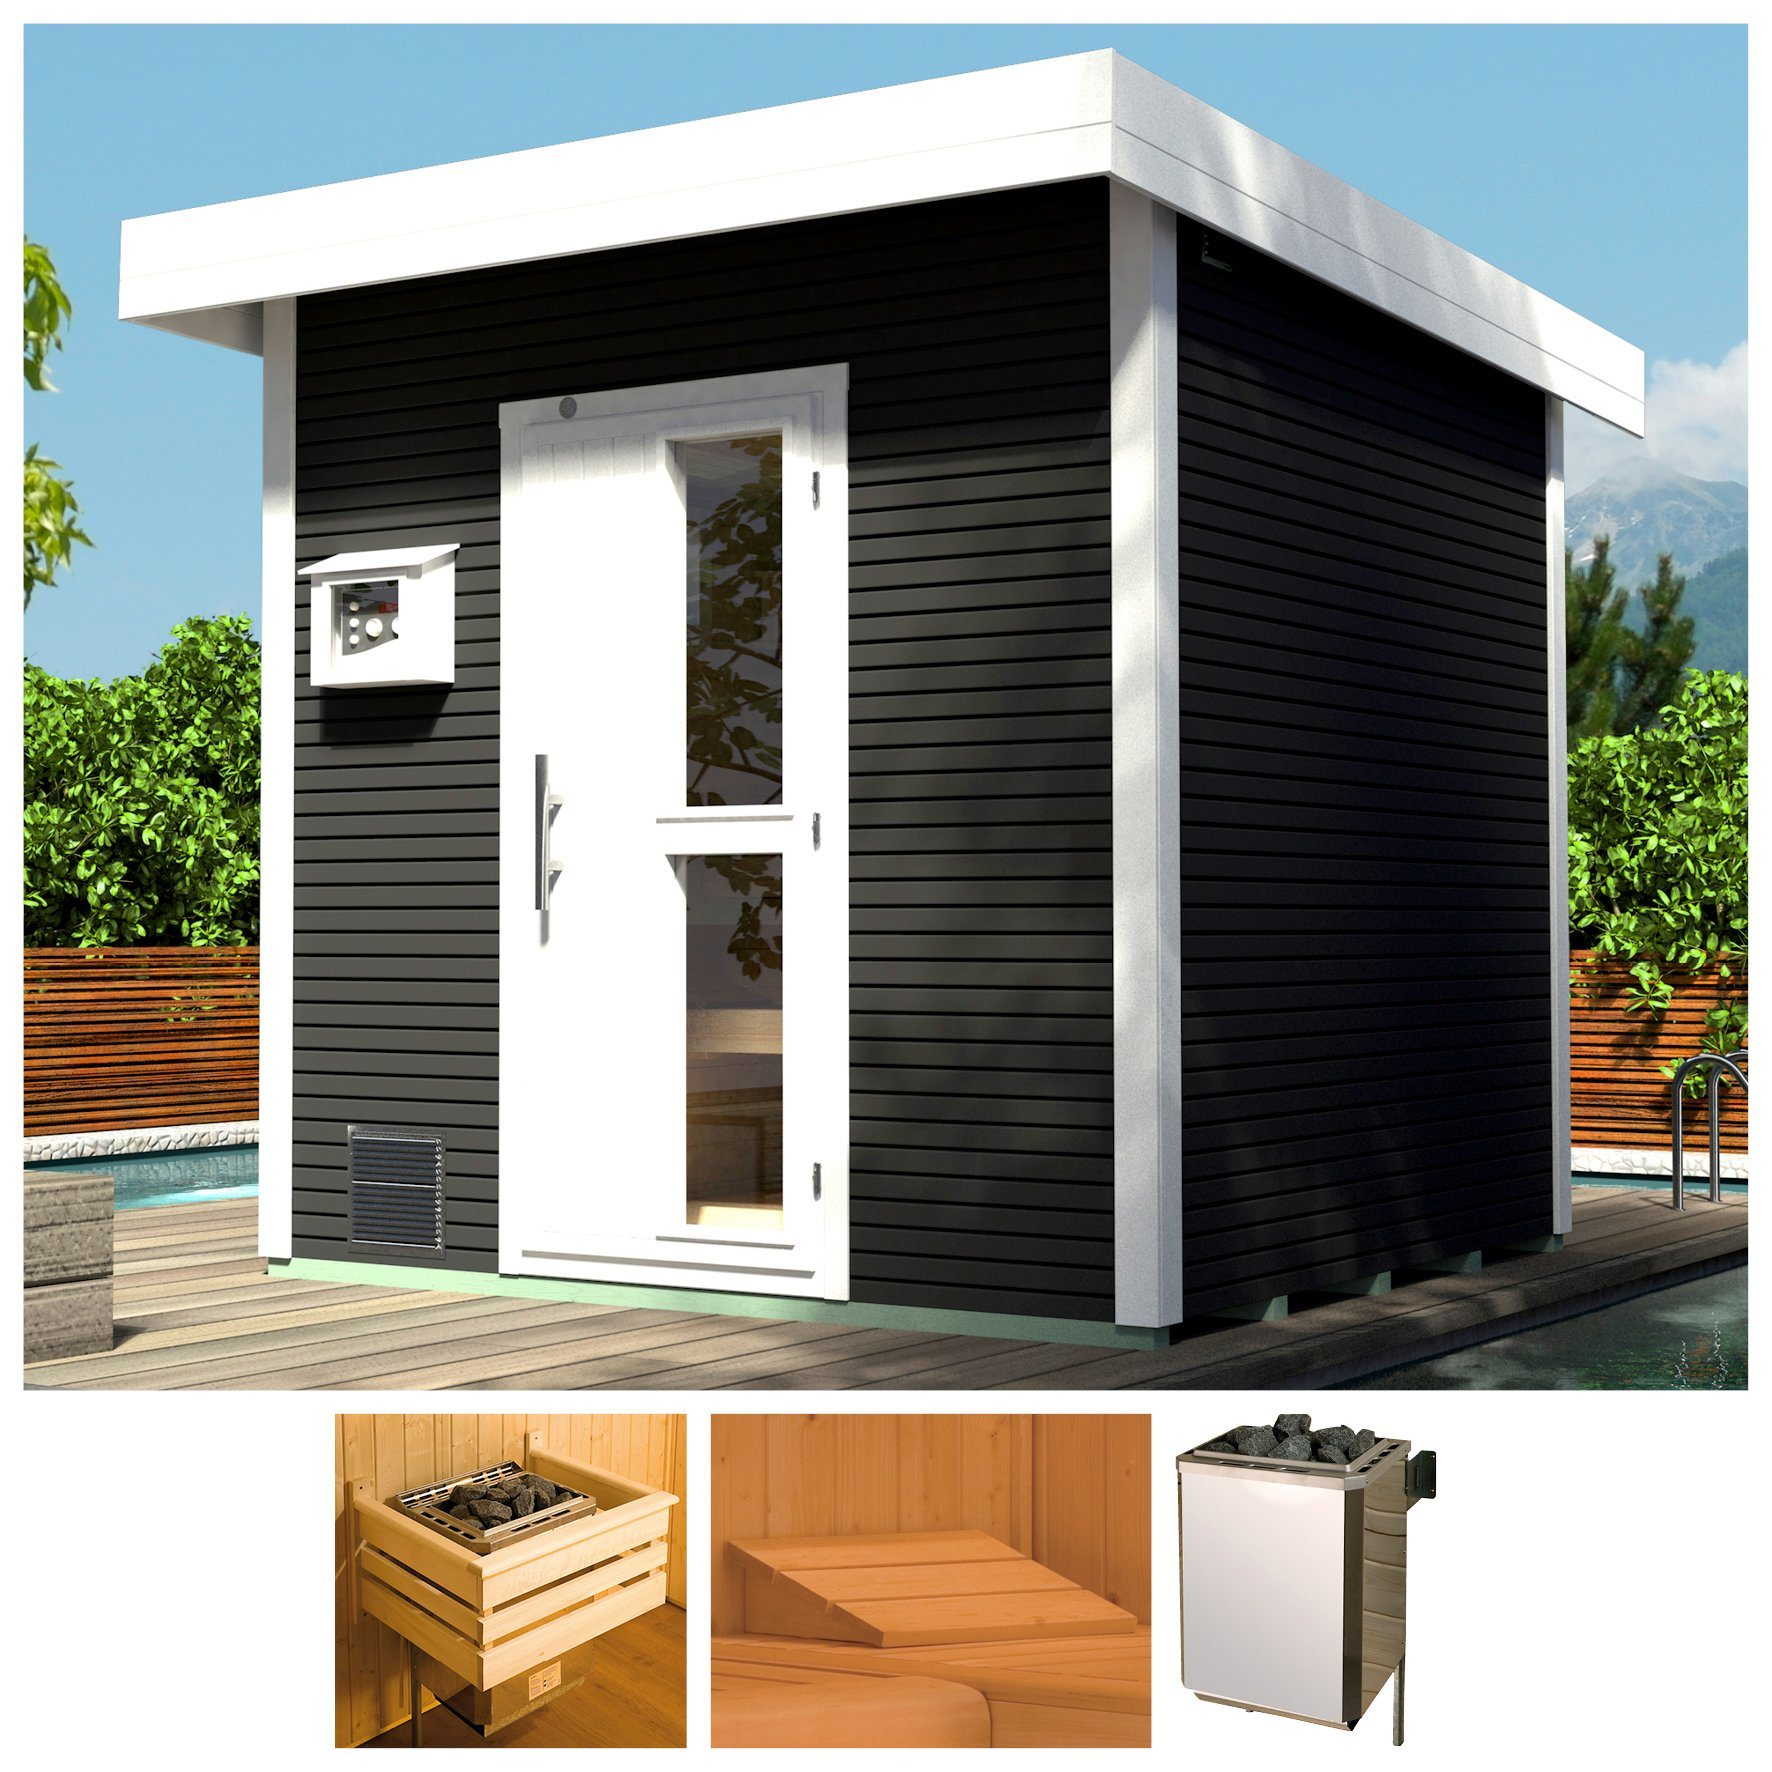 WEKA Saunahaus »Svendborg«, 262x298x253 cm, 45 mm, grau, 9-kW-Bio-Ofen mit ext. Strg. | Baumarkt > Bad und Sanitär > Sauna und Zubehör | weka